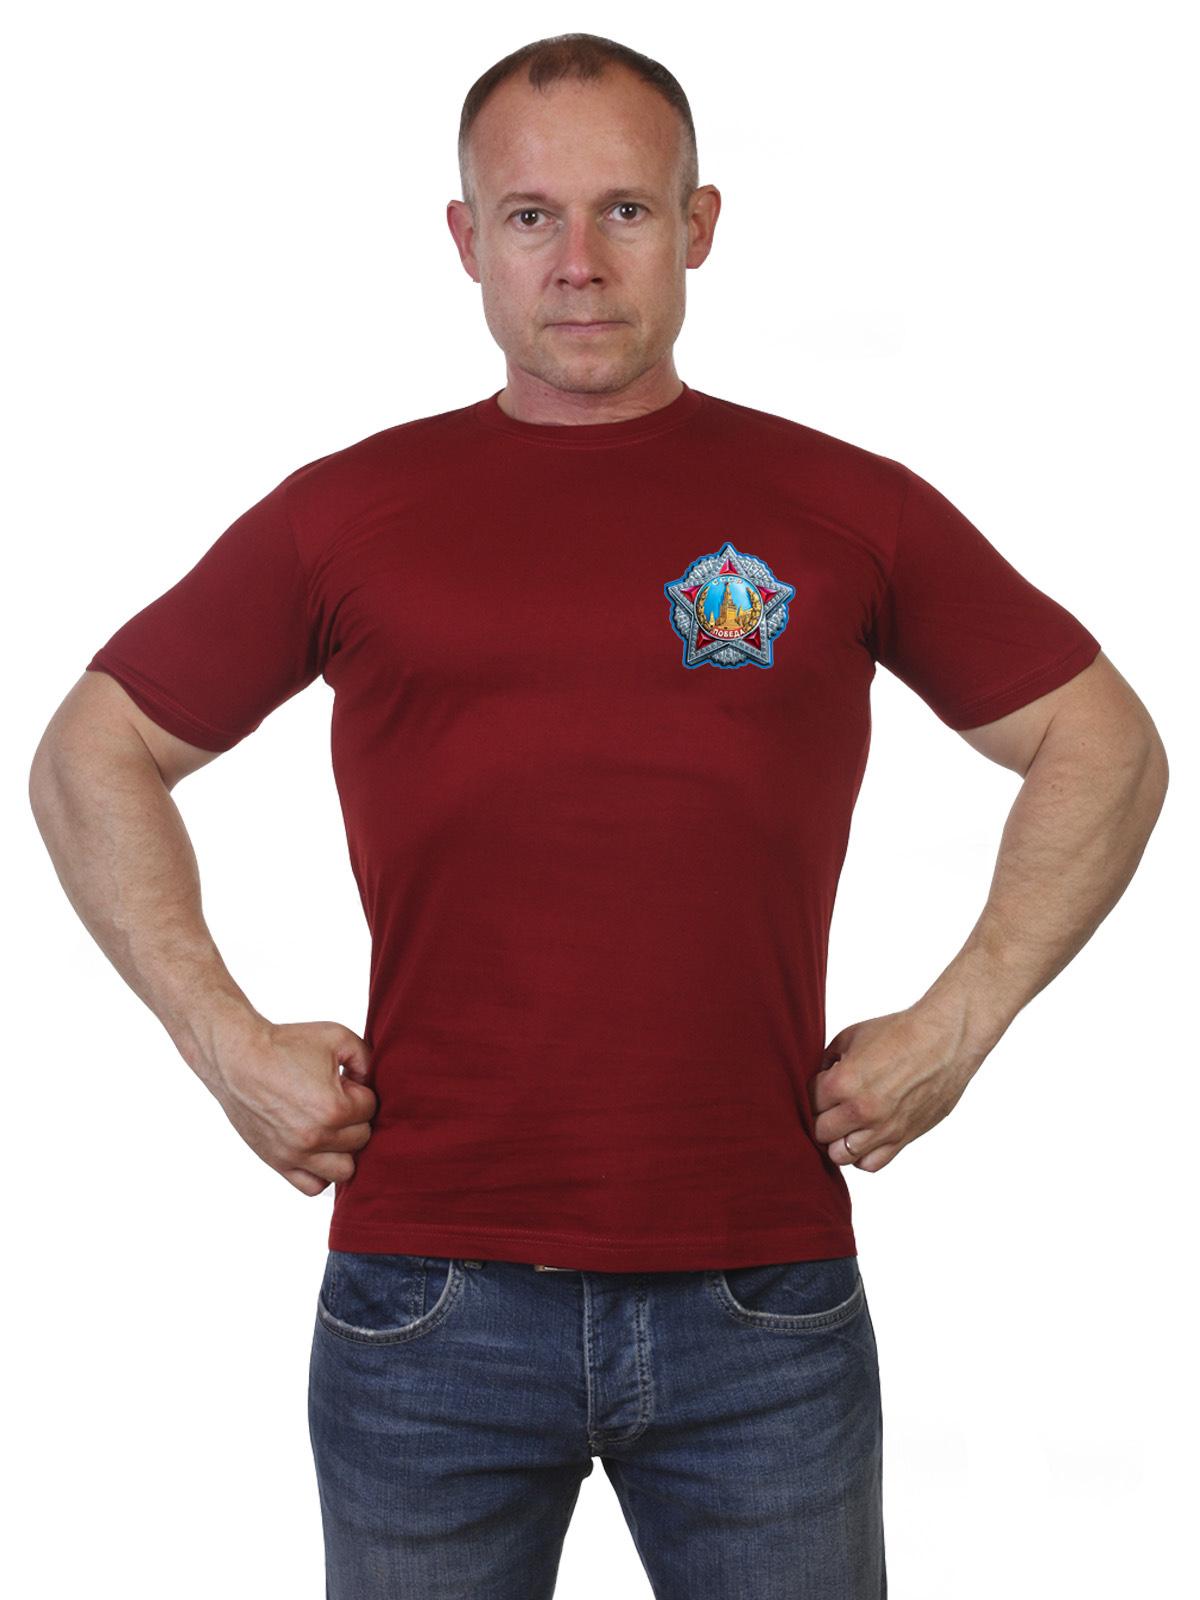 Заказать мужскую футболку с орденом Победы